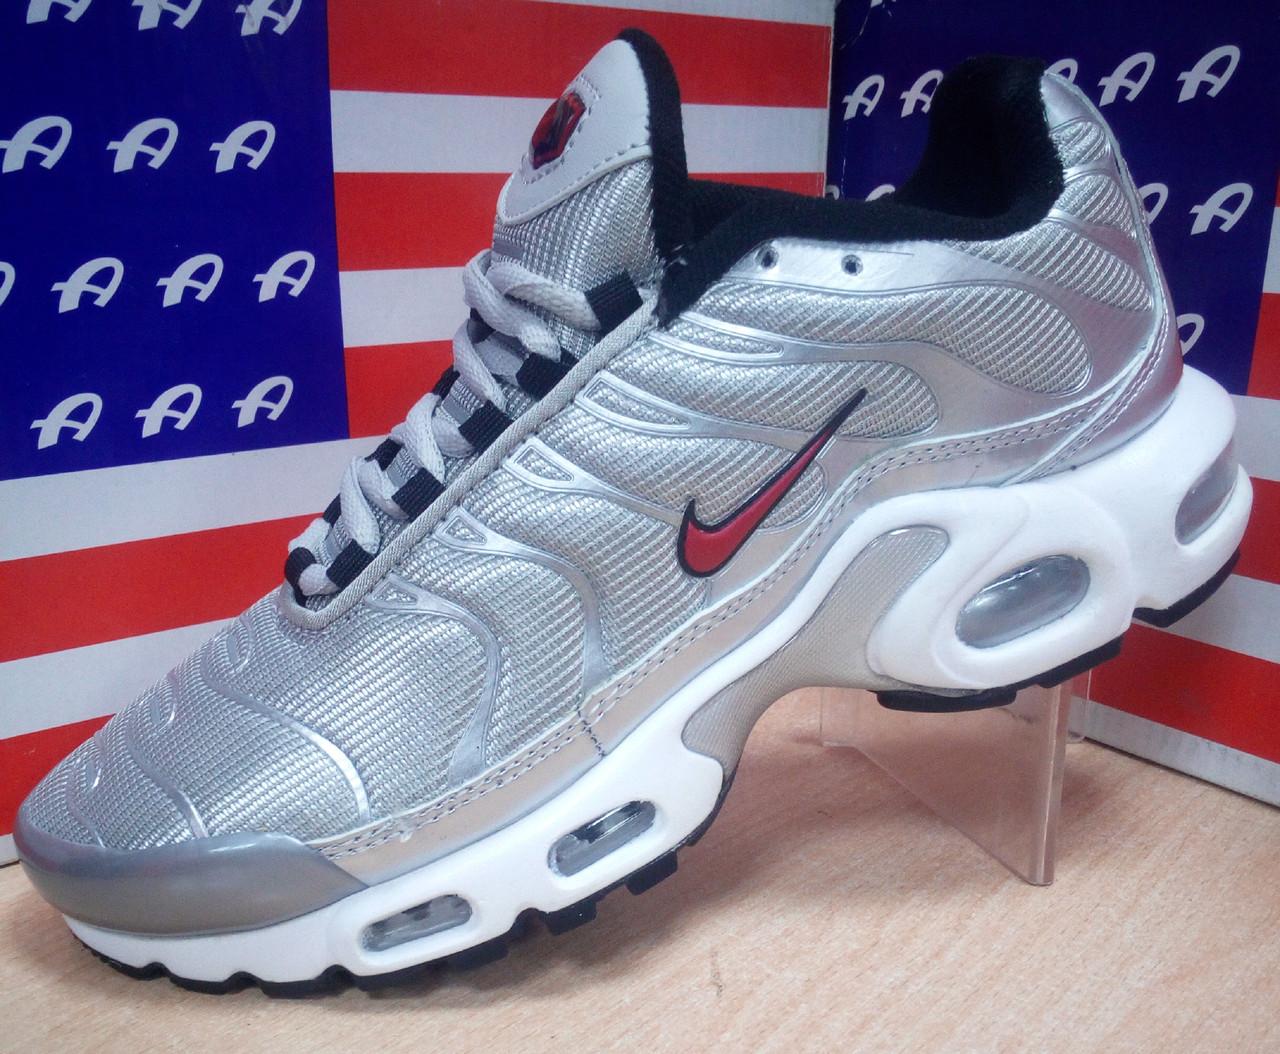 Женские Кроссовки Найк Аир Макс Тн Плюс  Nike Air Max Tn Plus — в ... e3df654a89159